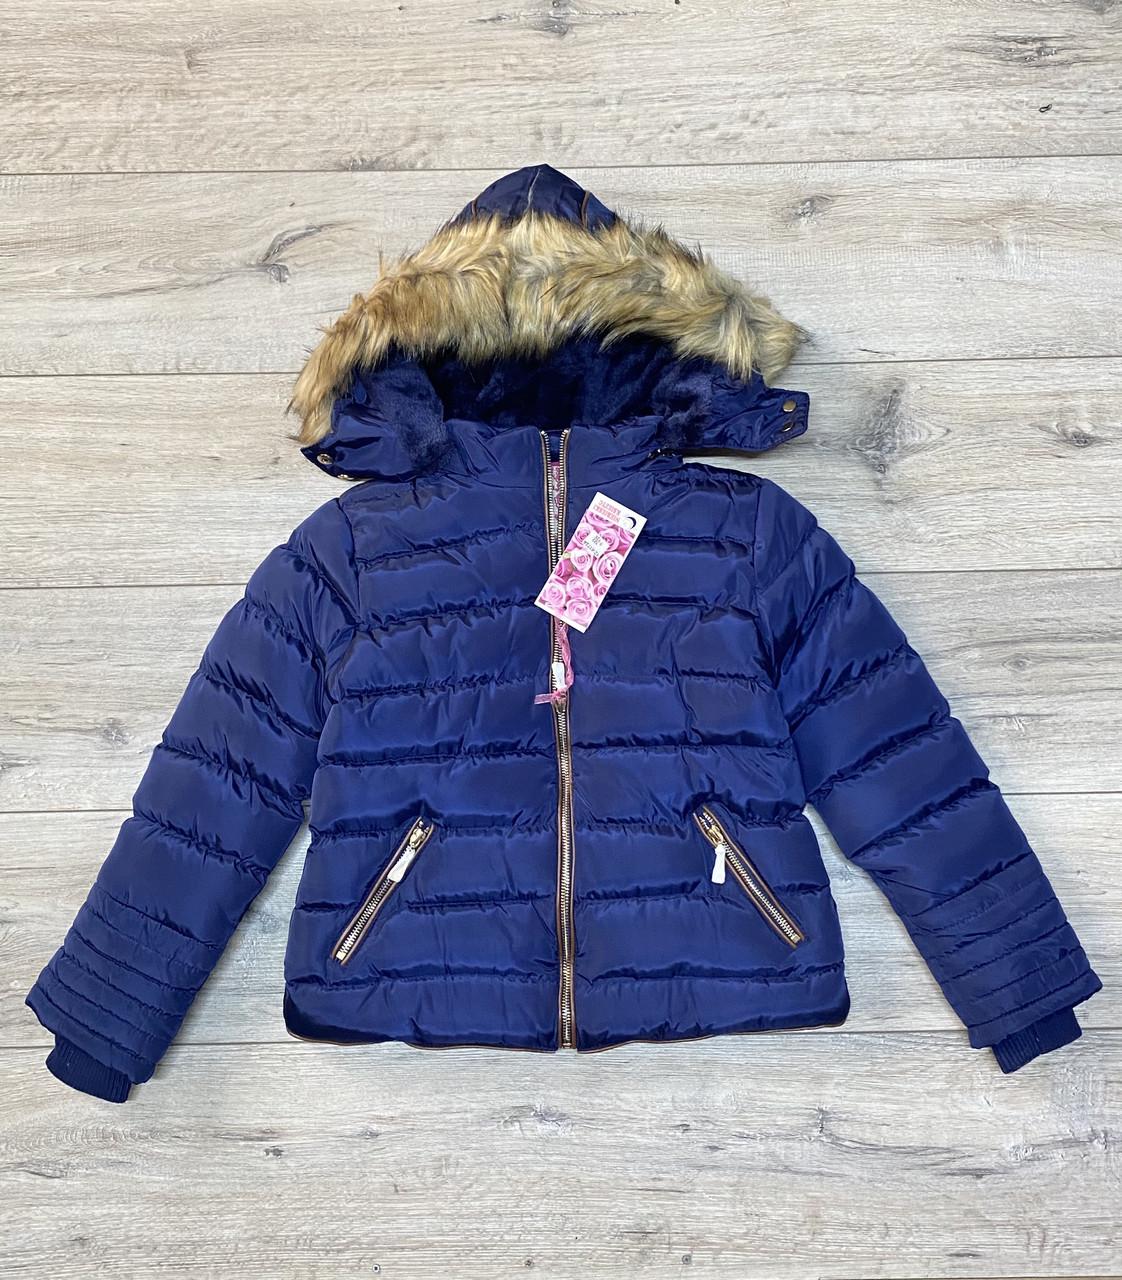 Тепла дута куртка на синтепоні зі знімним капюшоном (Всередині-хутро). 6 - 14 років.